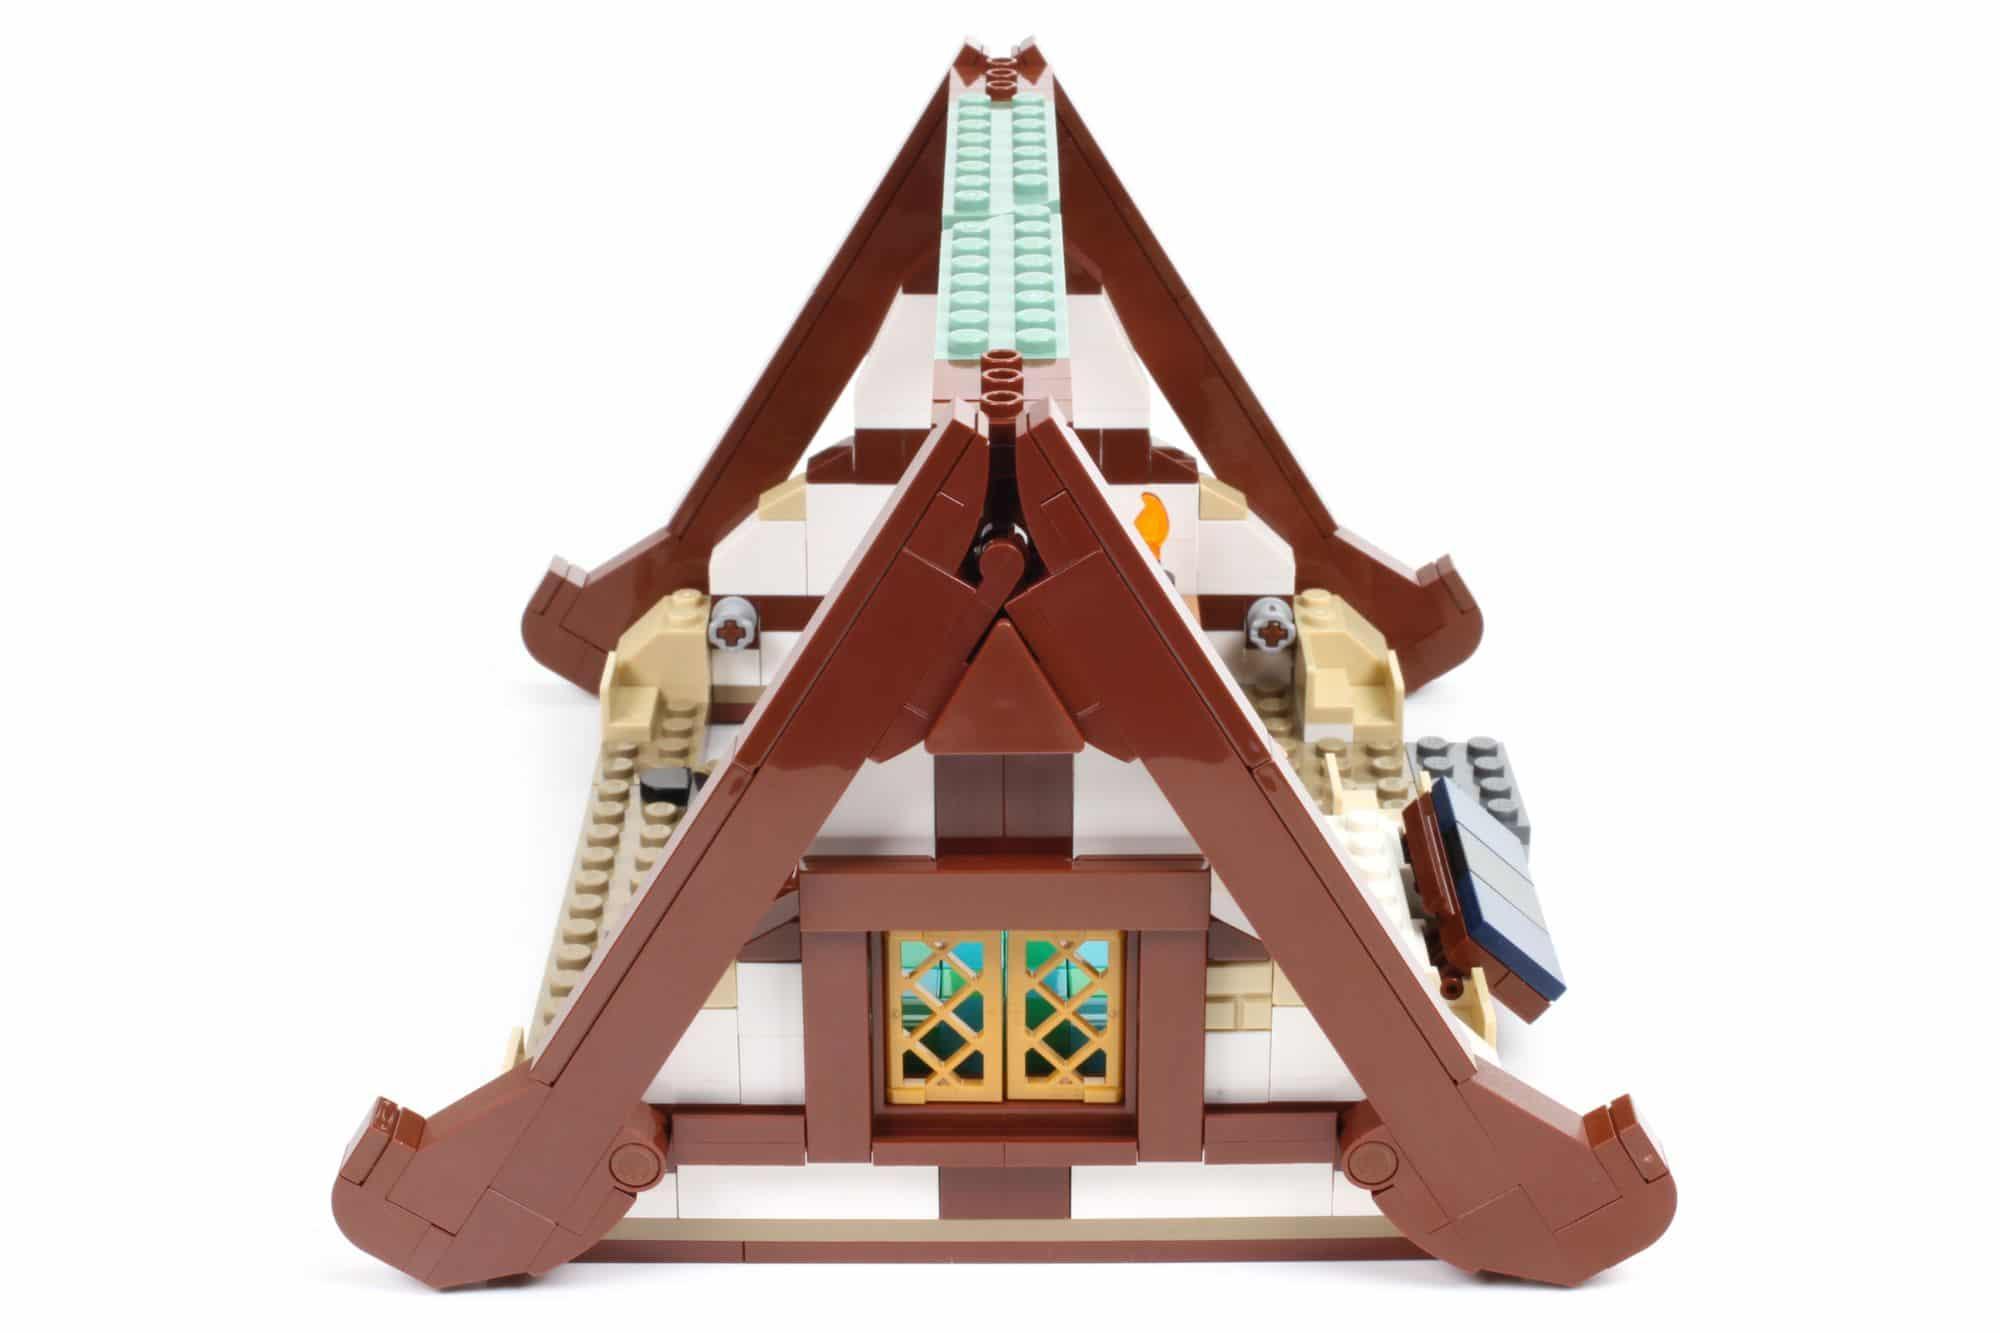 LEGO Ideas 21325 Mittelalterliche Schmiede Bauabschnitt 11 2